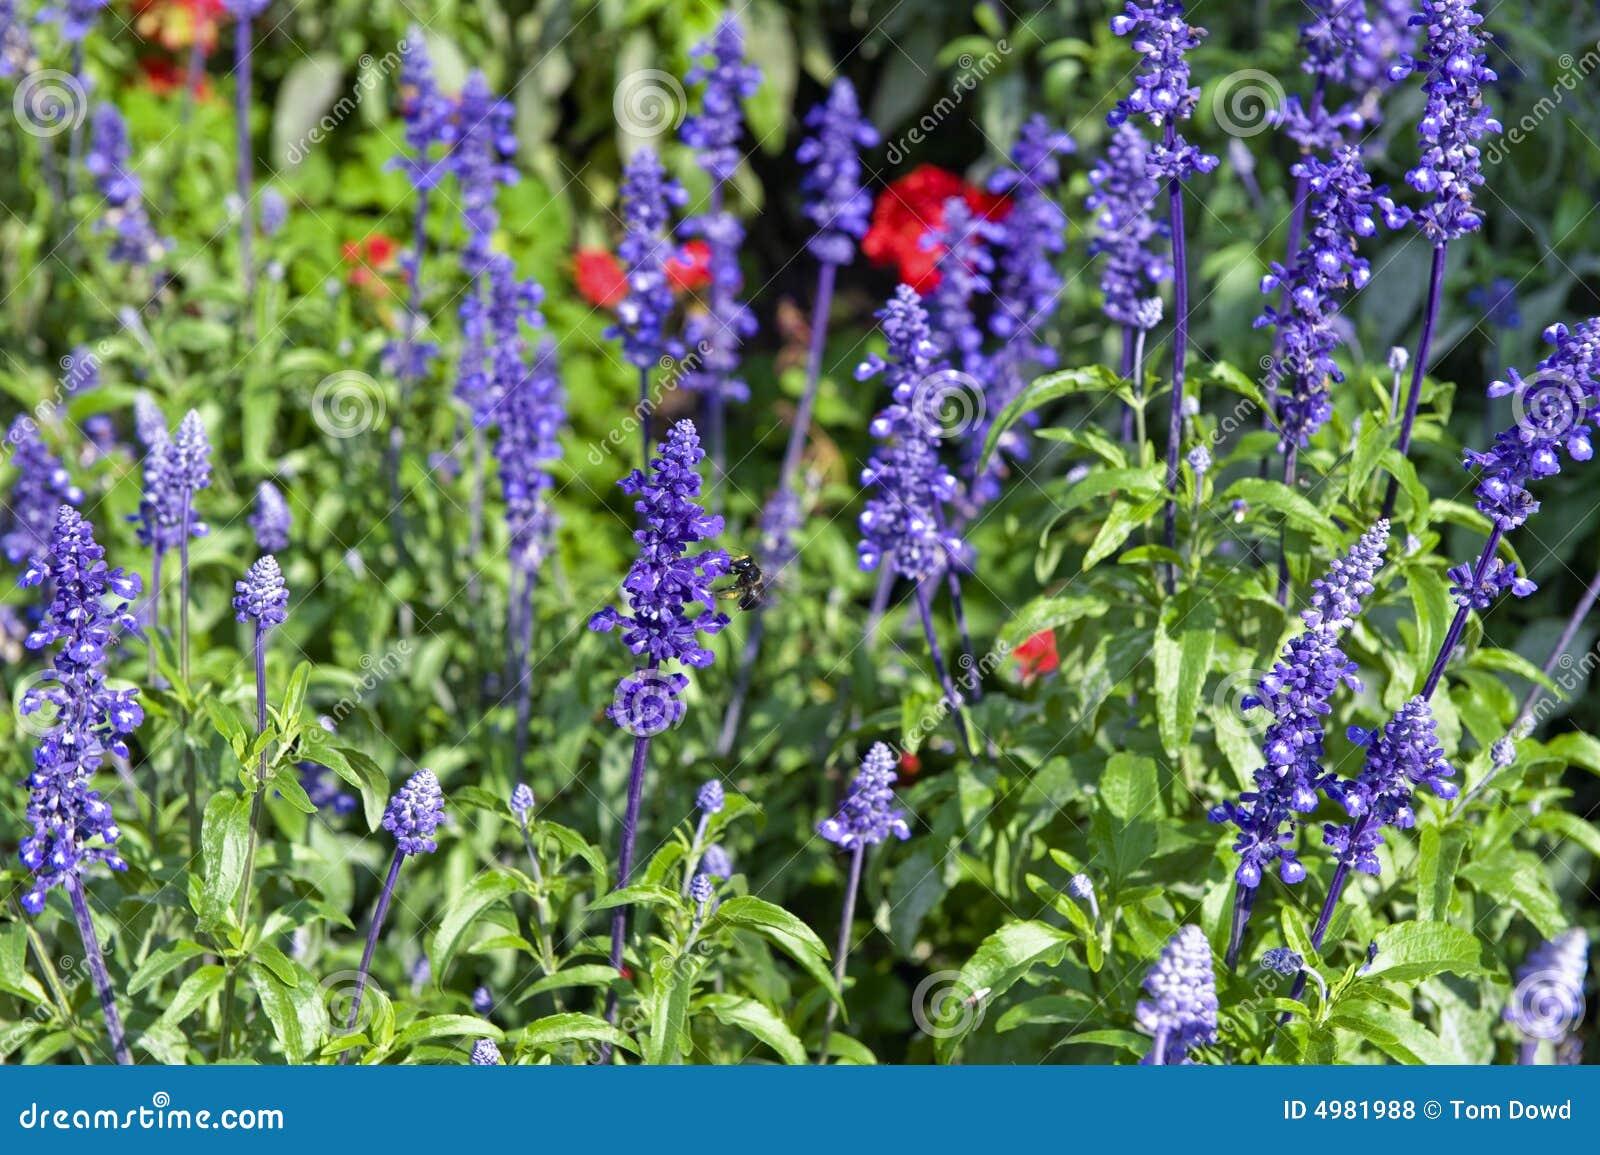 Fleurs violettes de jardin photos libres de droits image - Image fleur violette ...